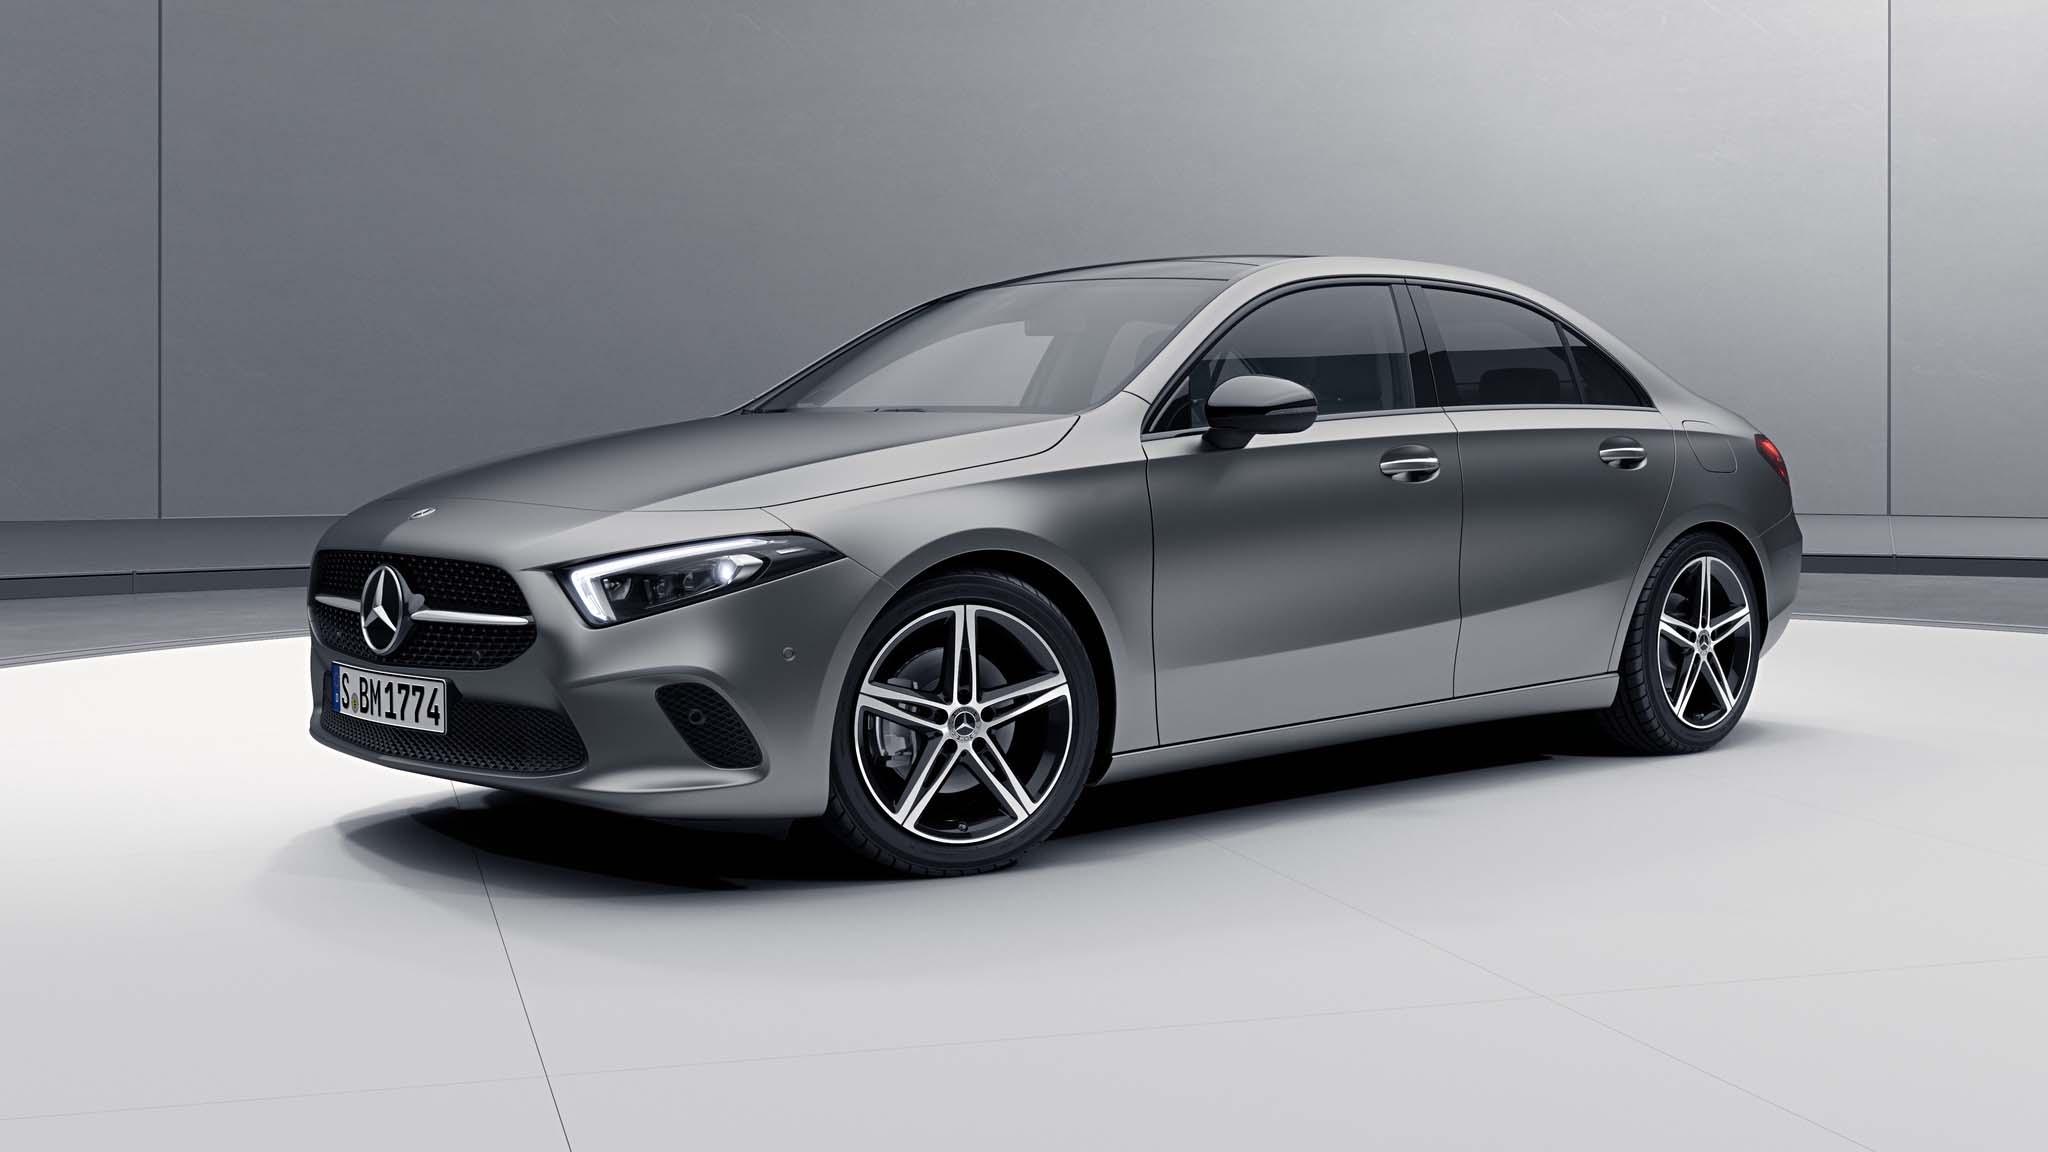 Vue de trois quarts de profil de la Mercedes Classe A Berline avec la peinture Designo - Gris Montagne Magno